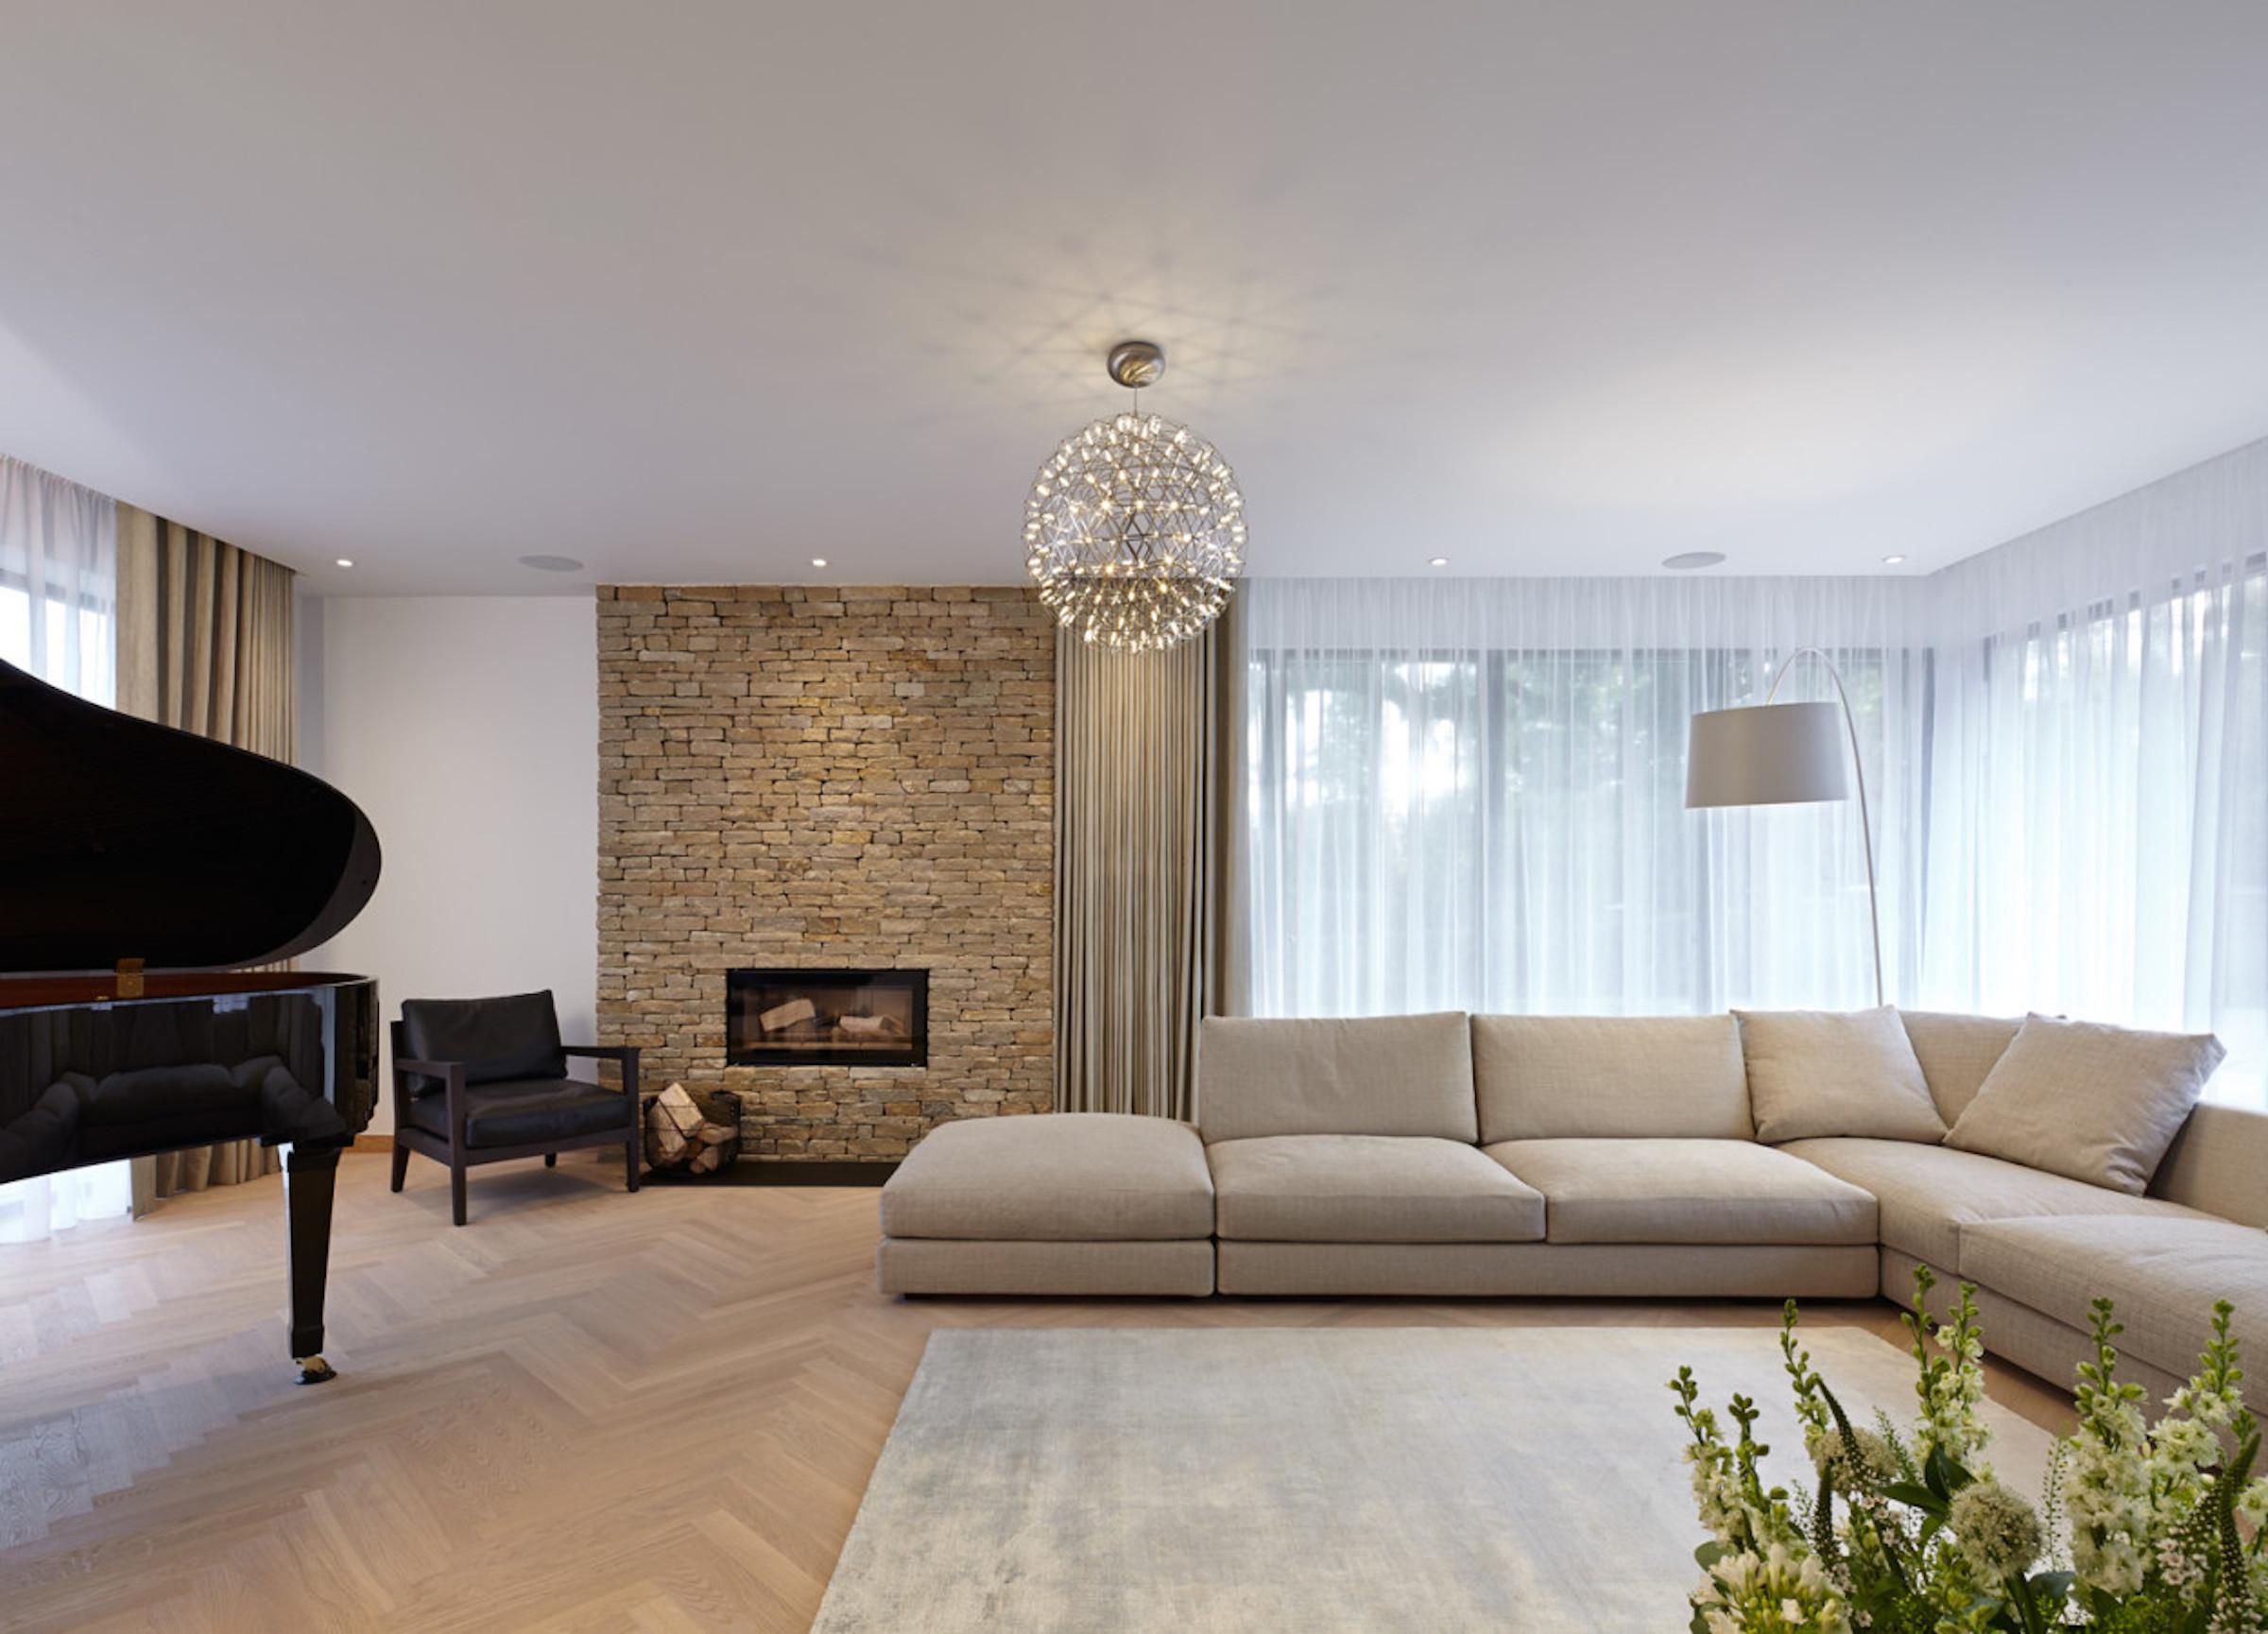 Interior design beltaine designs cheltenham for Living room designs 2016 uk